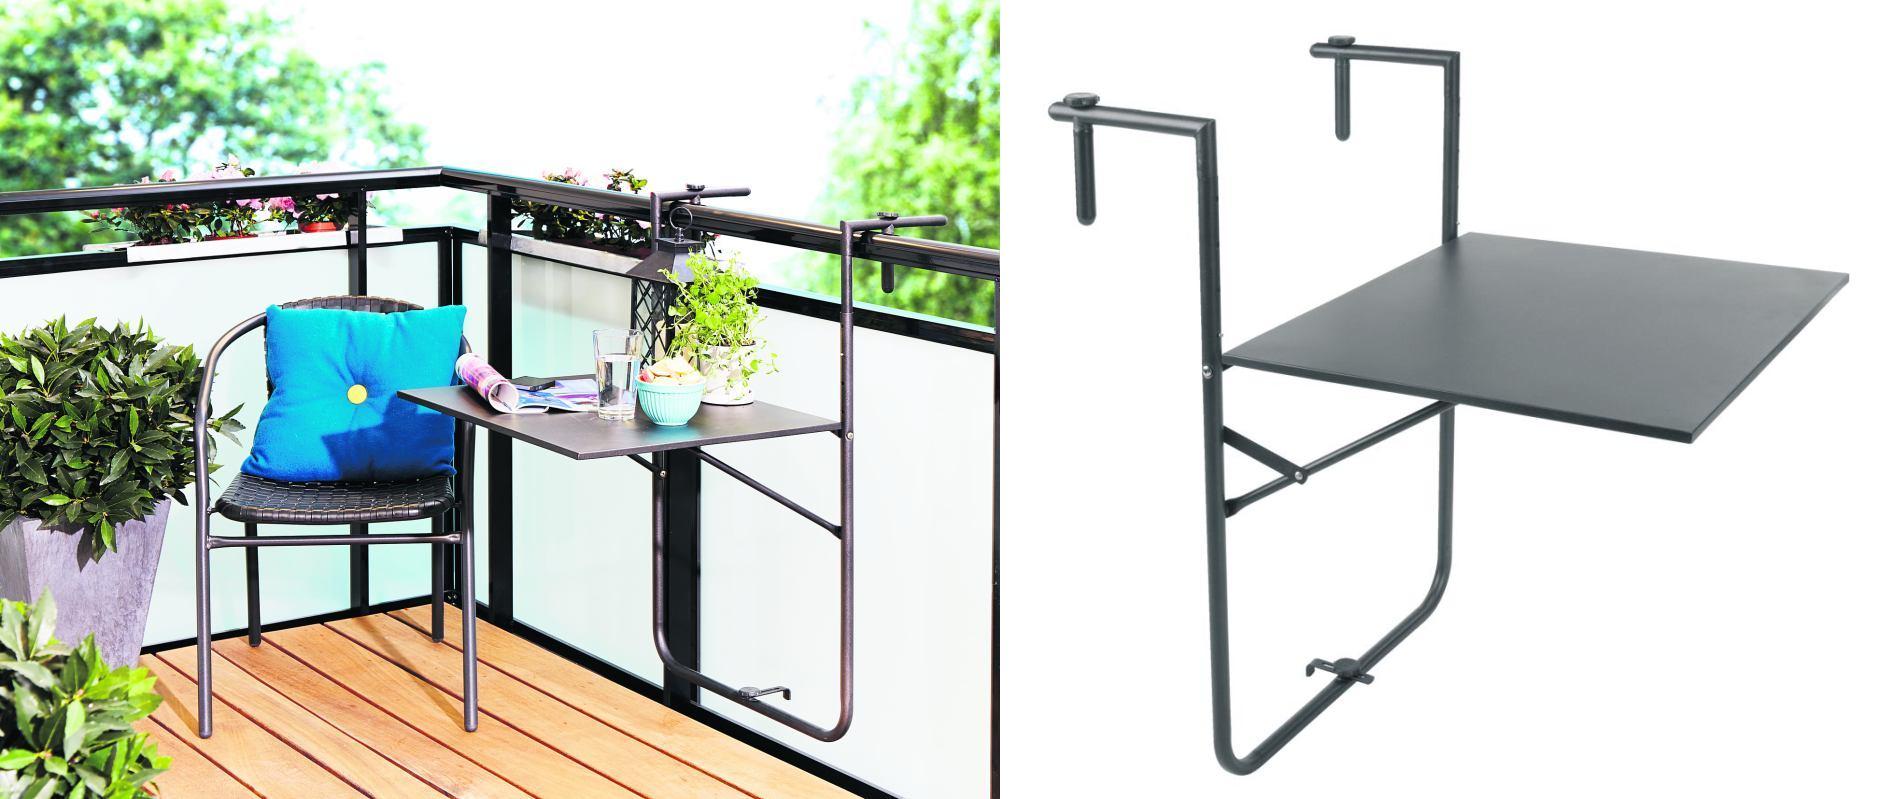 Функциональная мебель для балкона